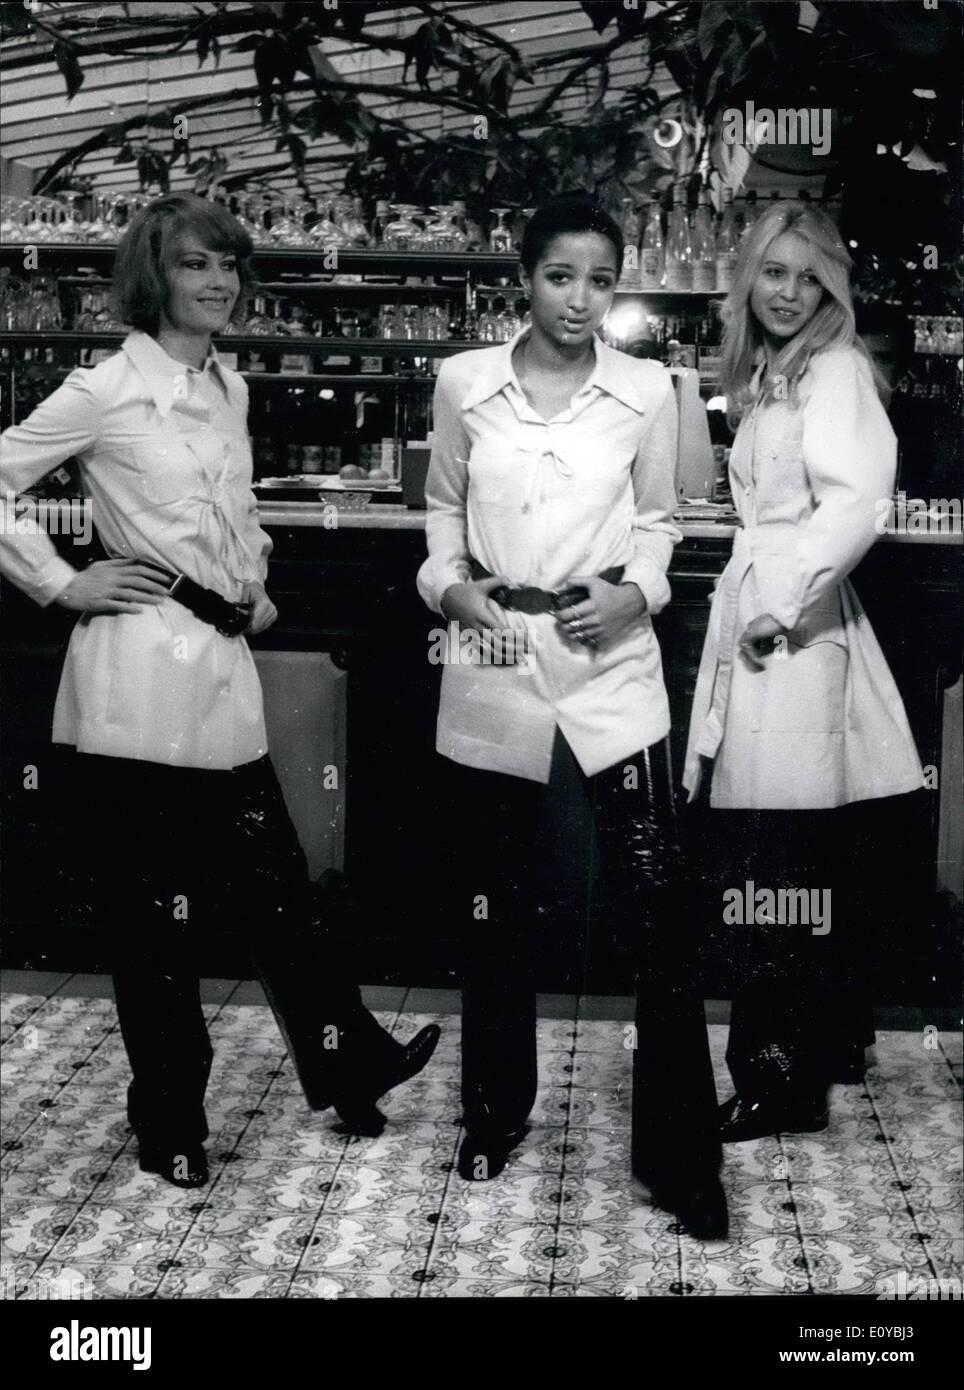 Oktober 1969 - kommen diese Outfits aus Andre Ledouxs-to-Wear Kollektion,  die enthält viele große Mäntel und Strickjacken, über Hosen oder Mini-Röcke  ... 89b86a34d11